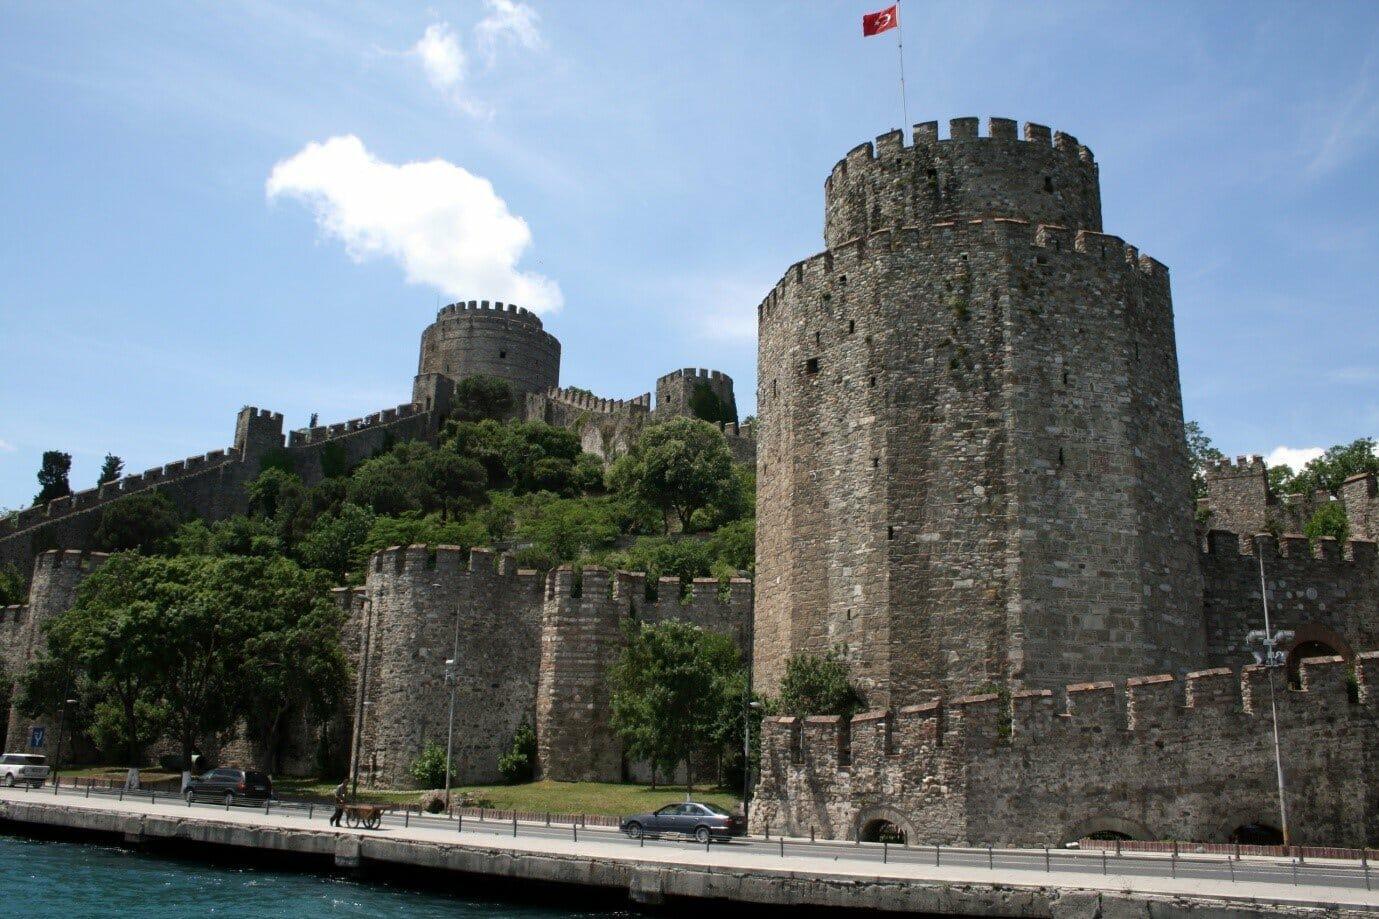 """1 73 - """"روملي حصار"""" أقدم قلعة تاريخية في تركيا"""